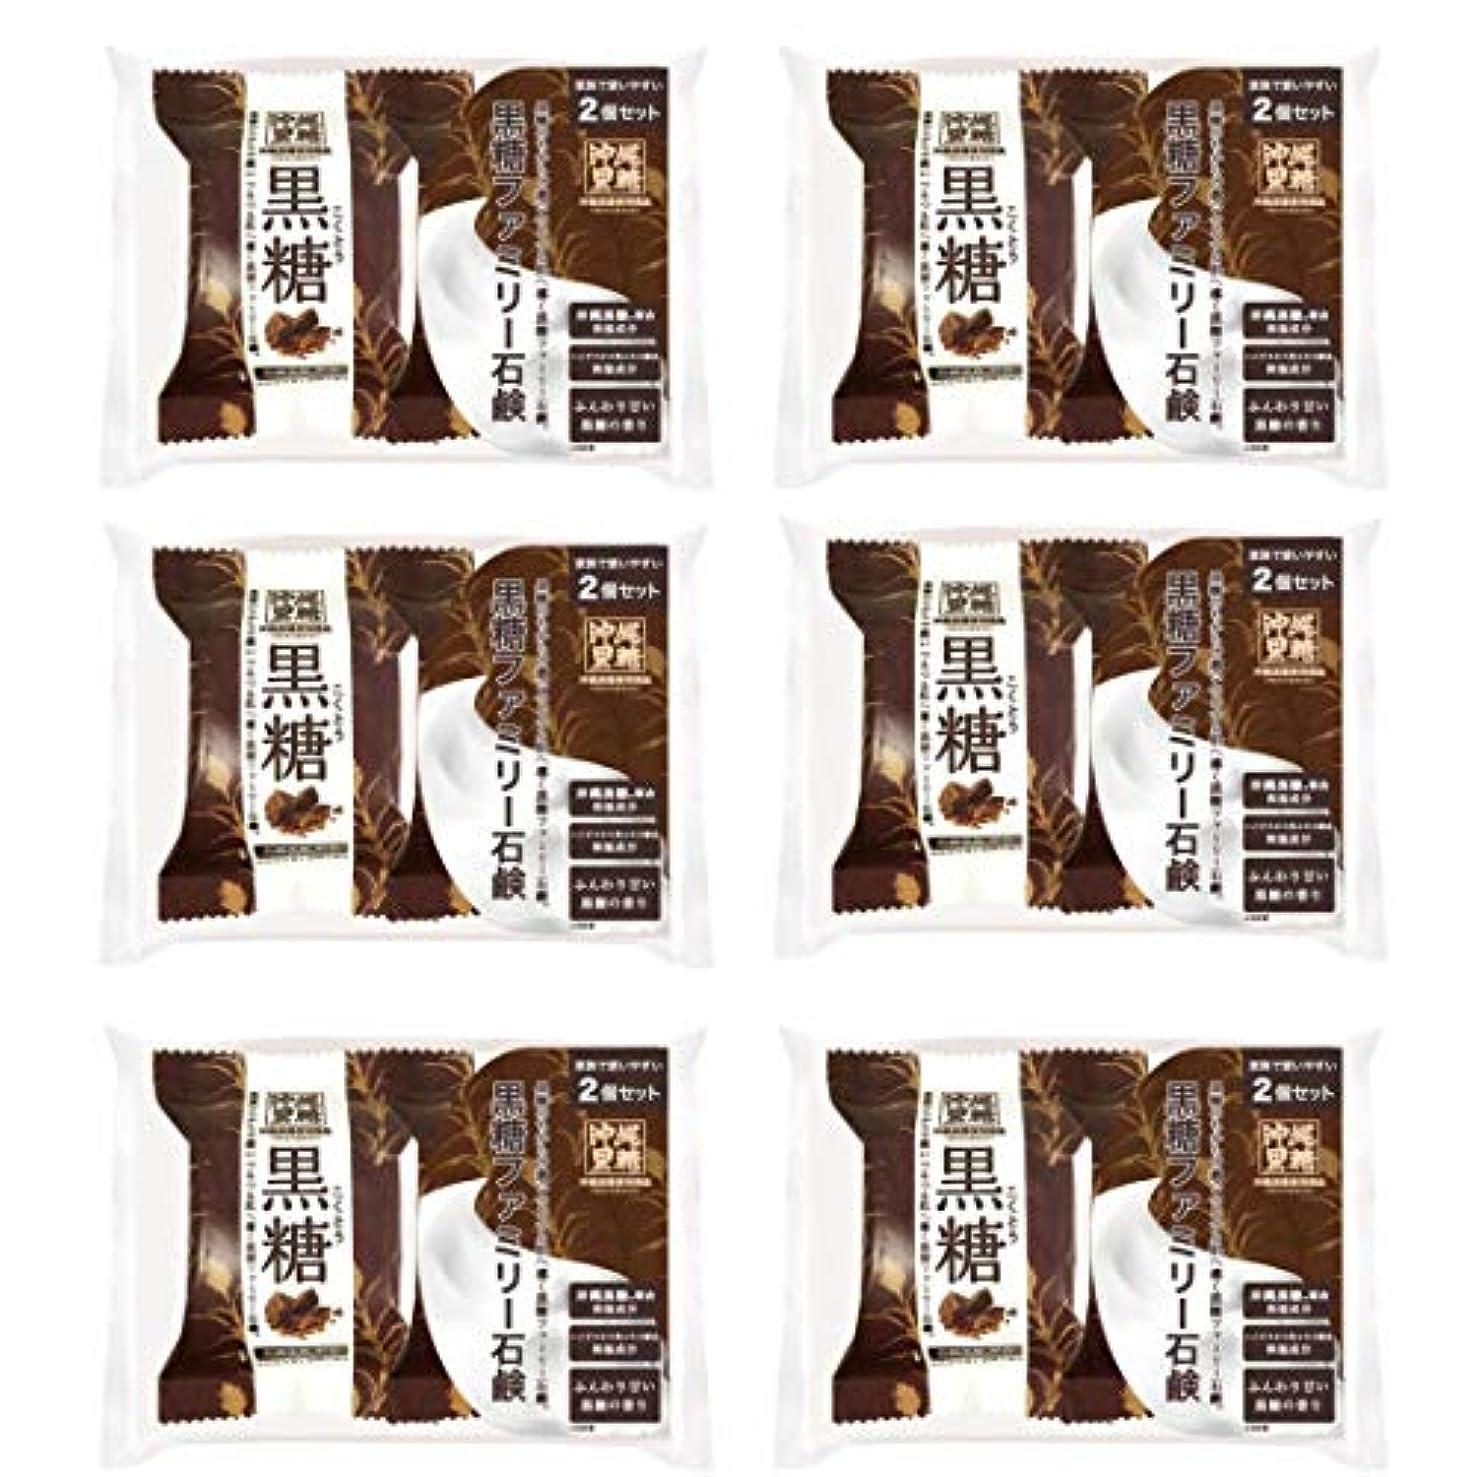 拷問行進憂慮すべき【6個セット】ペリカン石鹸 ファミリー黒糖石鹸 80g×2個